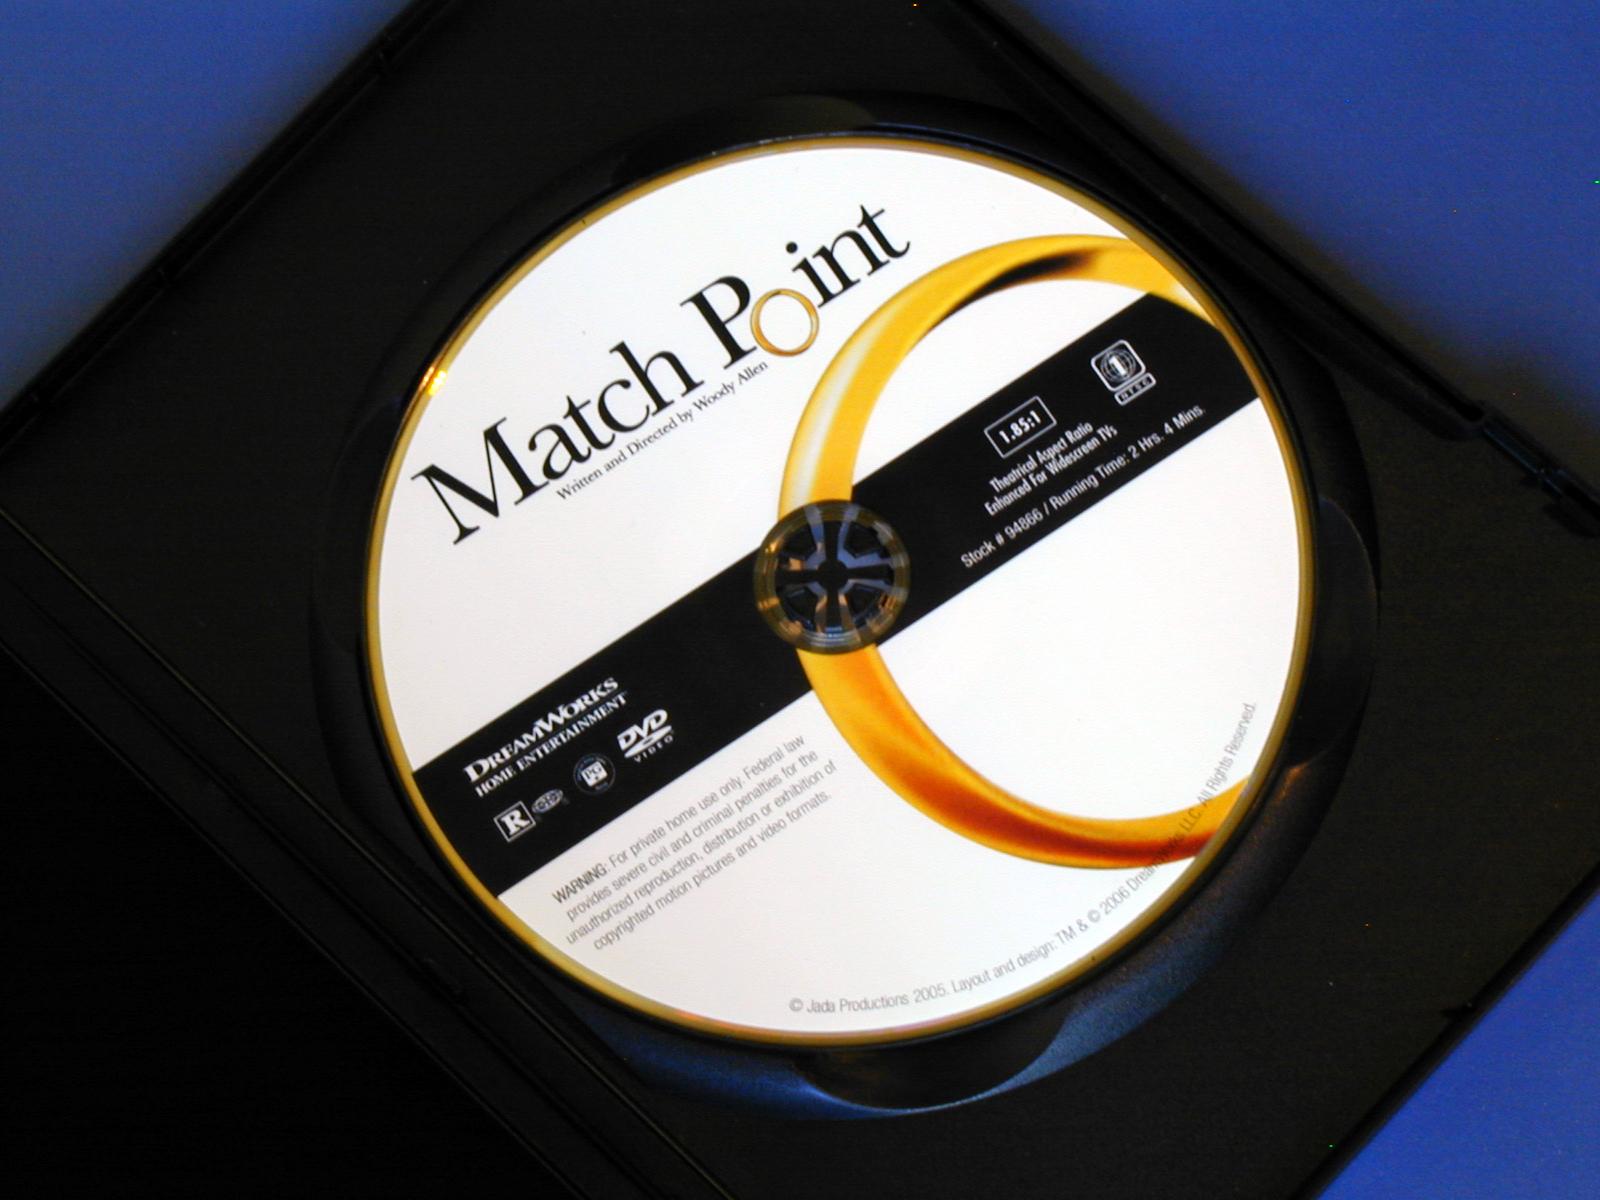 http://4.bp.blogspot.com/-ndwRTaZ6_sg/TvHlzEj4lfI/AAAAAAAAAHU/I1aZ8rDuEI8/s1600/match_point-woody_allen-dvd-dentro.jpg